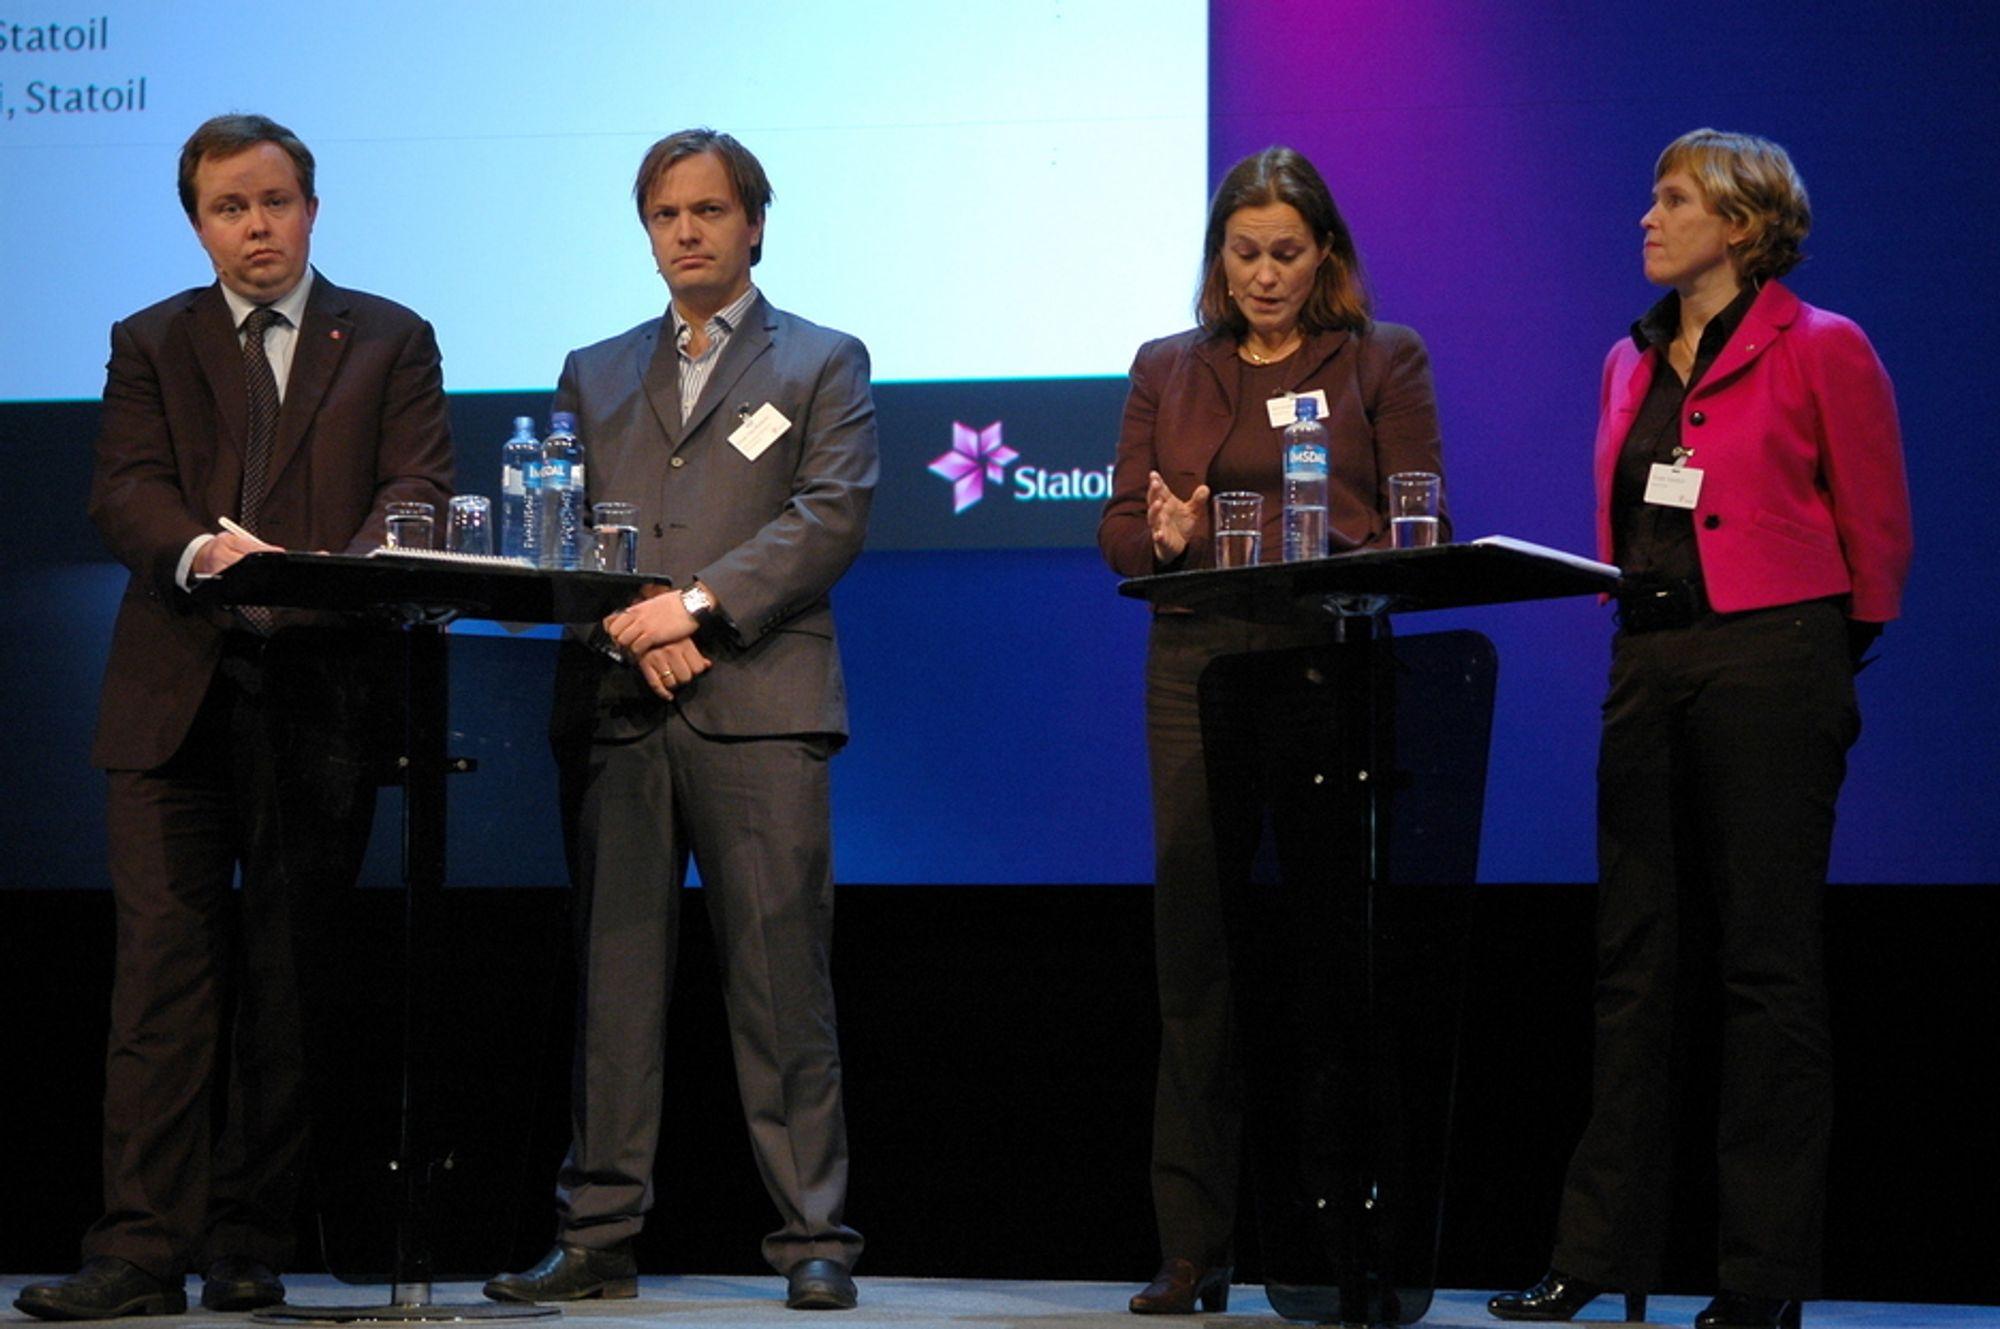 KRITISERER: - Biodieselsaken er en tabbe, sier Statoils Alexandra Bech Gjørv etter regjeringens fjerning av biodieselavgiften. Også Zero er svært kritiske til regjeringens politikk.